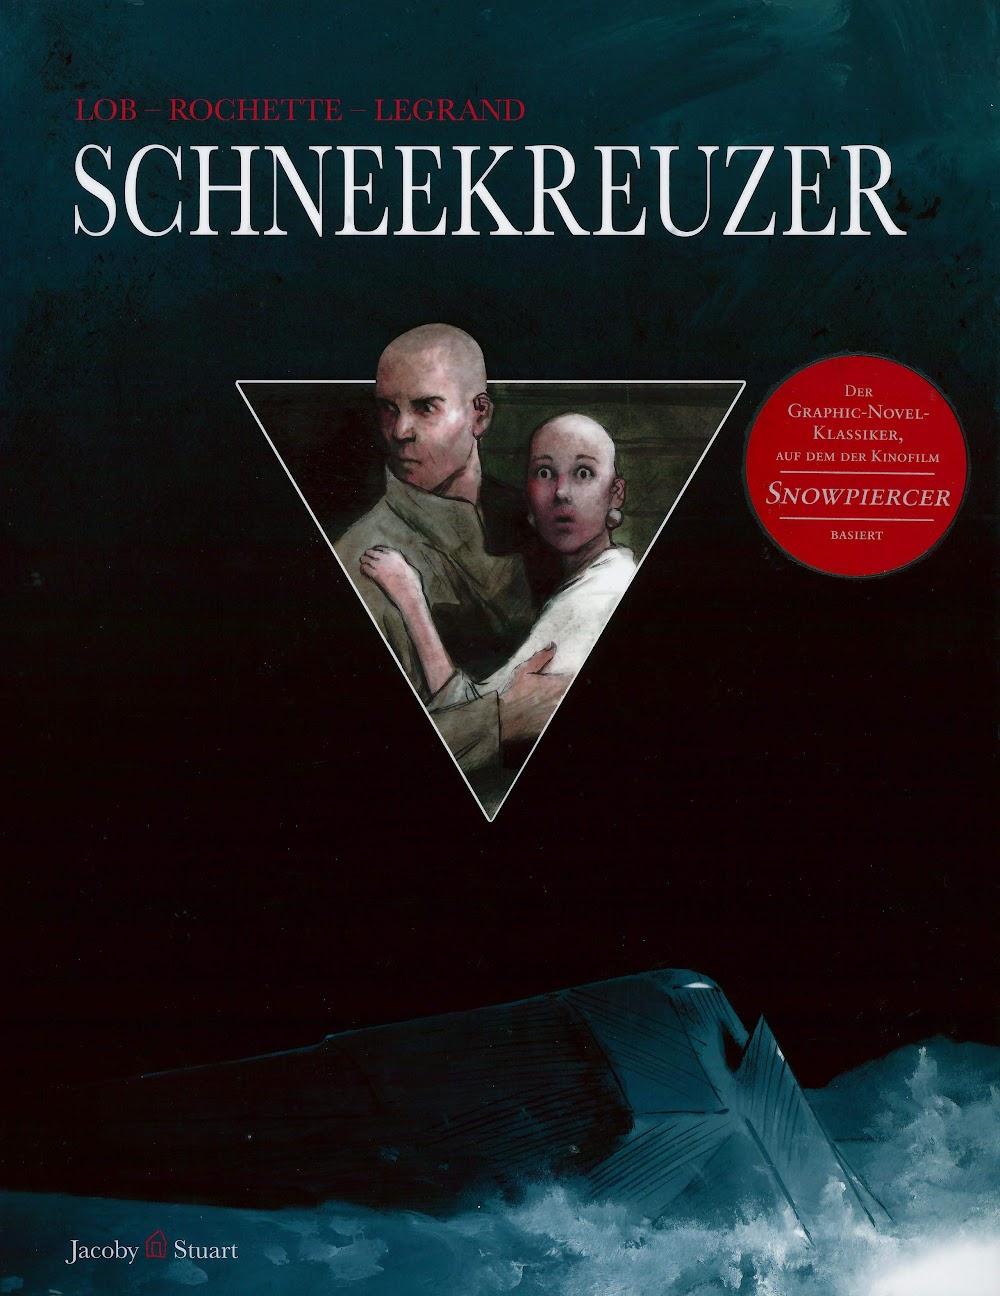 Schneekreuzer (2013)